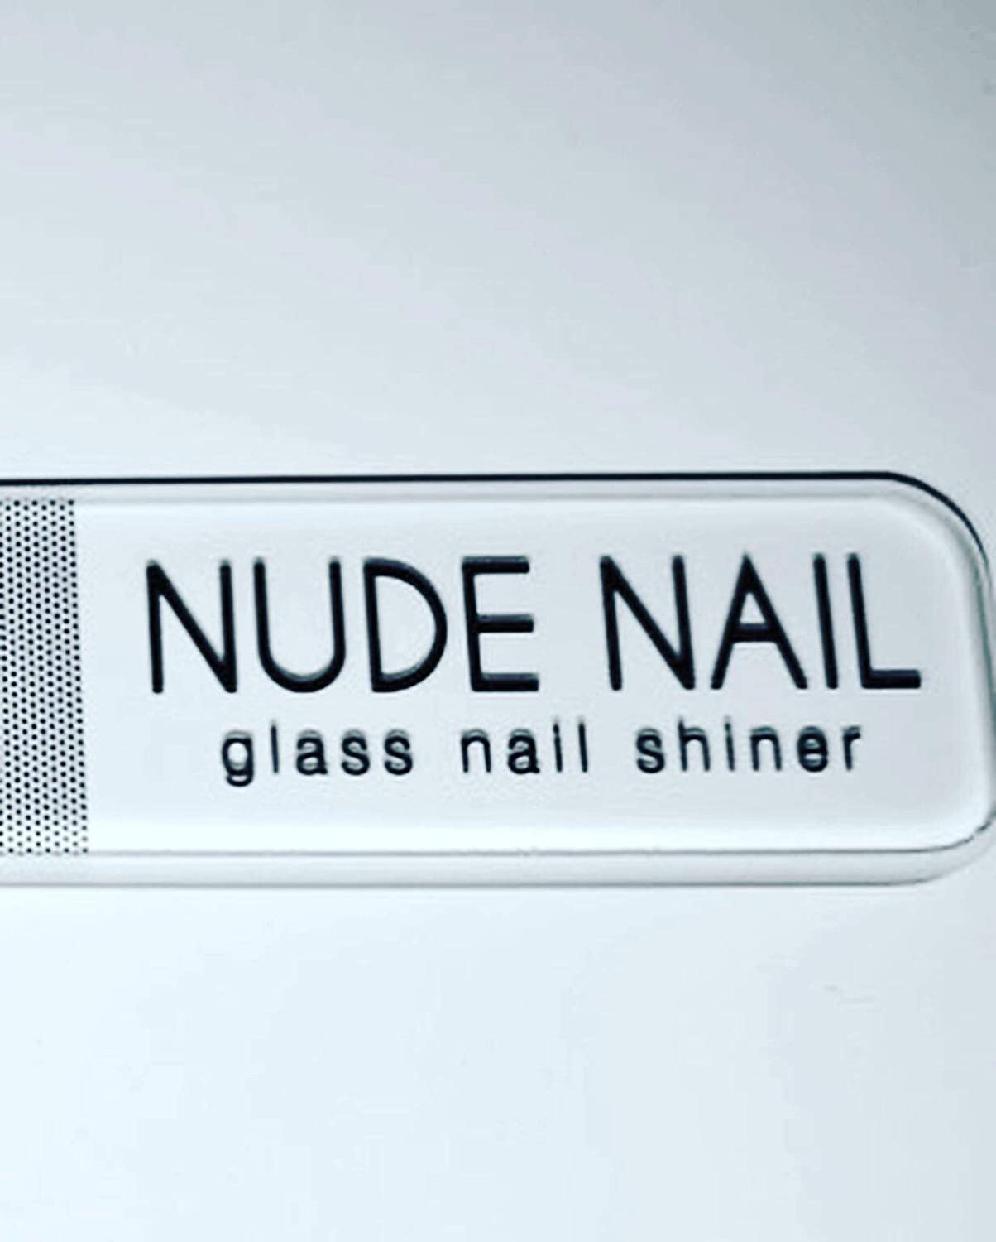 NUDE NAIL(ヌードネイル) ヌードネイル グラスネイルシャイナーの商品画像5